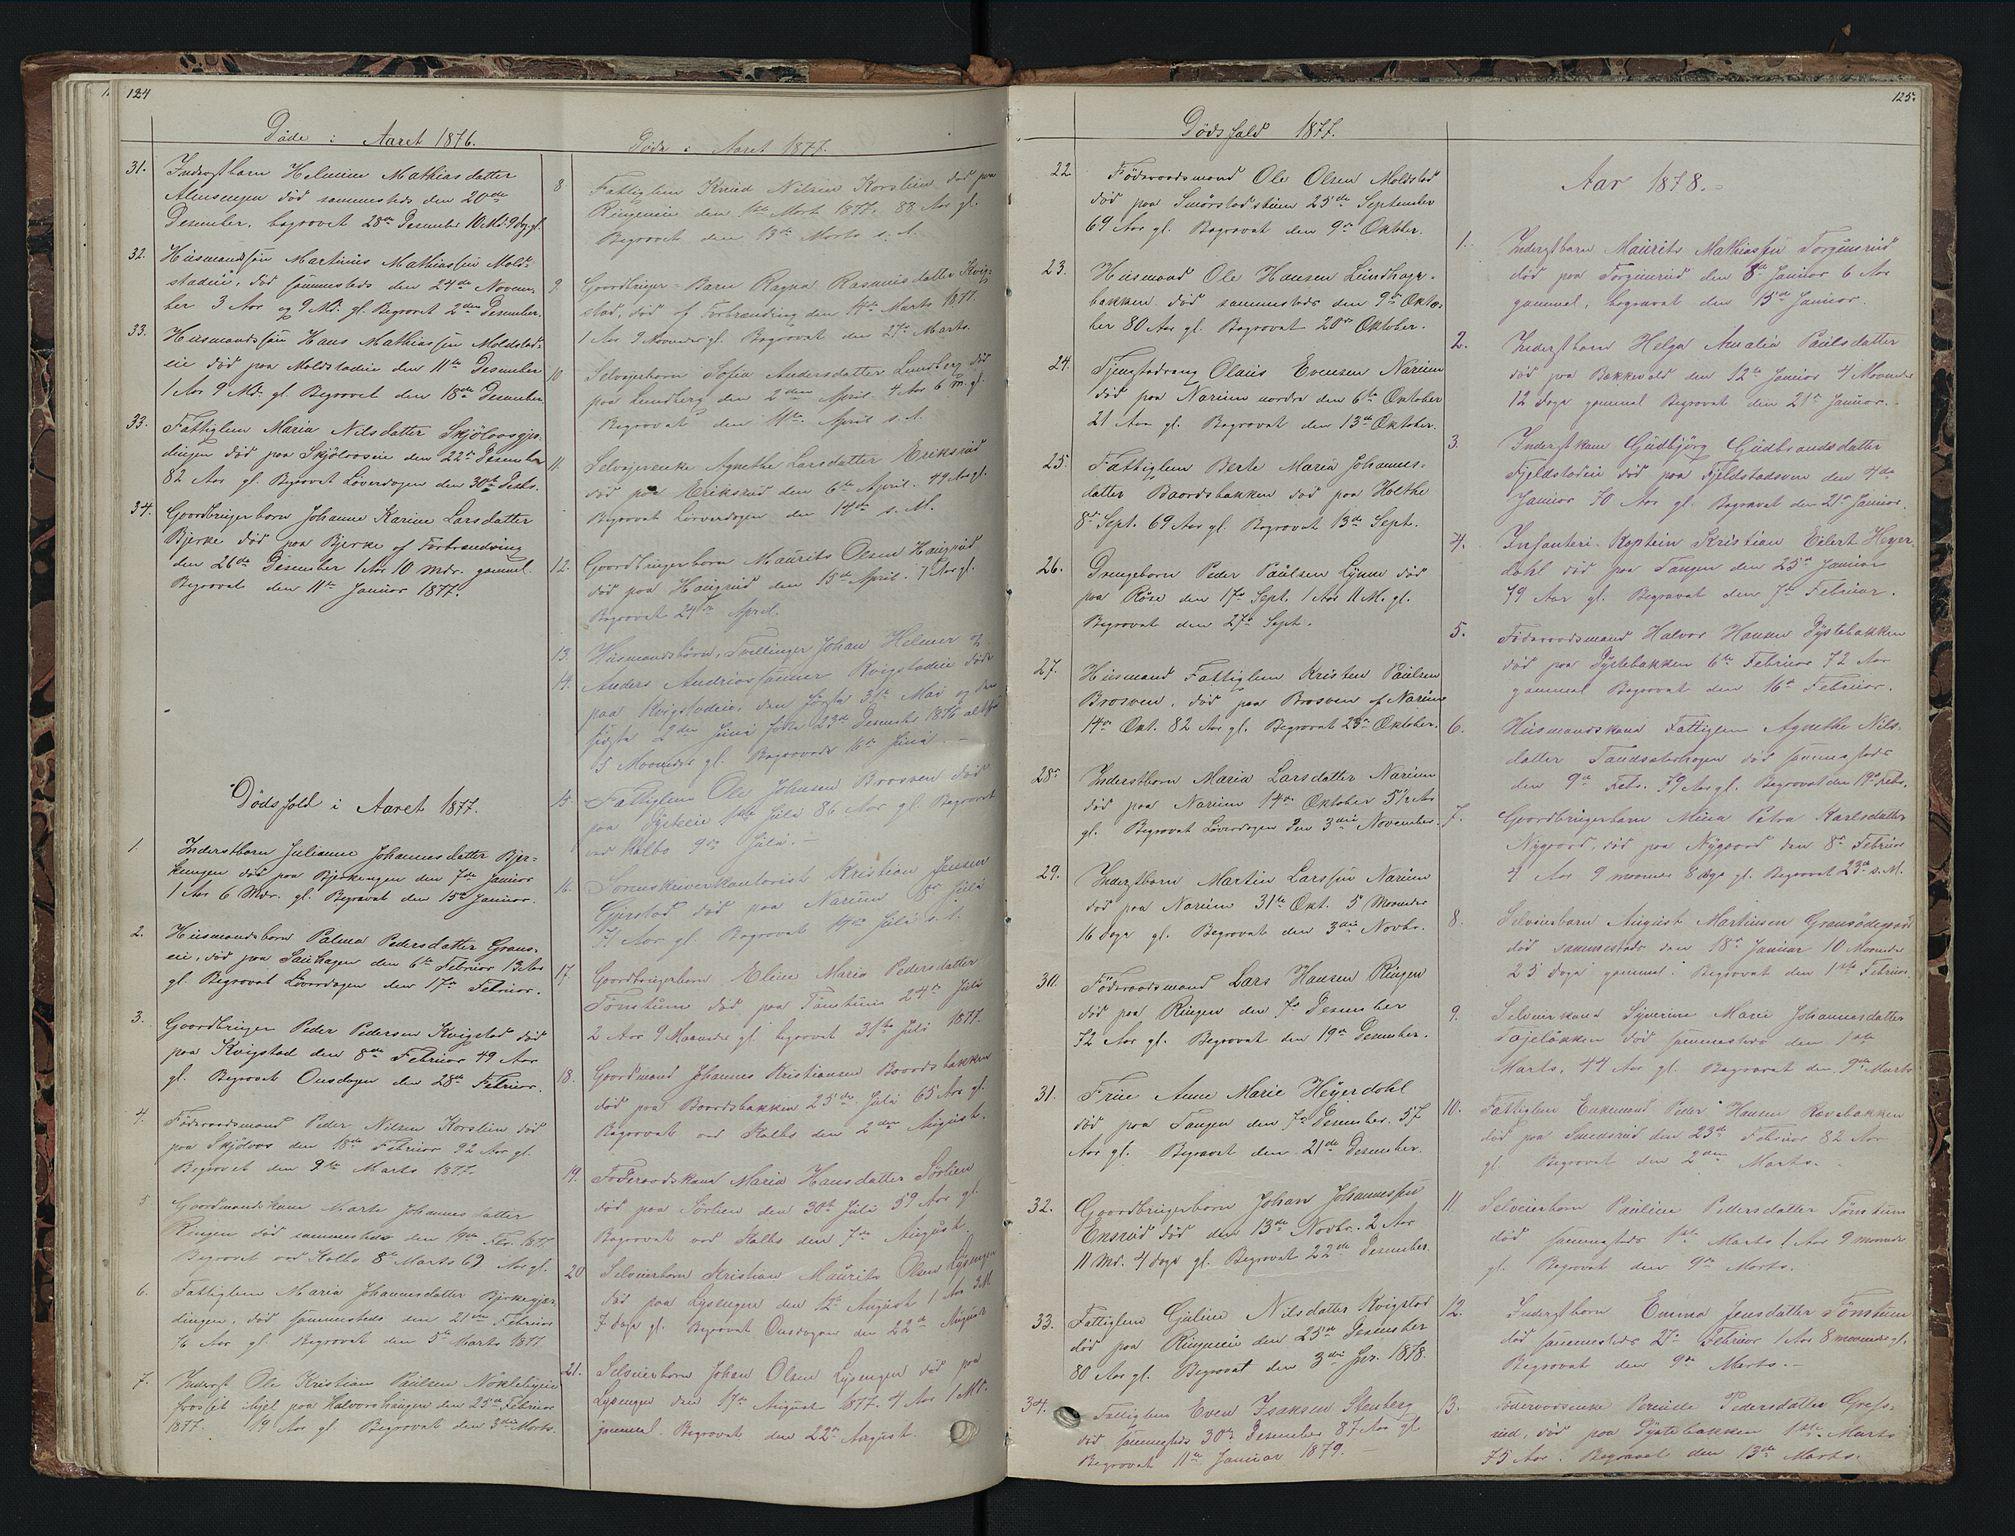 SAH, Vestre Toten prestekontor, H/Ha/Hab/L0007: Klokkerbok nr. 7, 1872-1900, s. 124-125